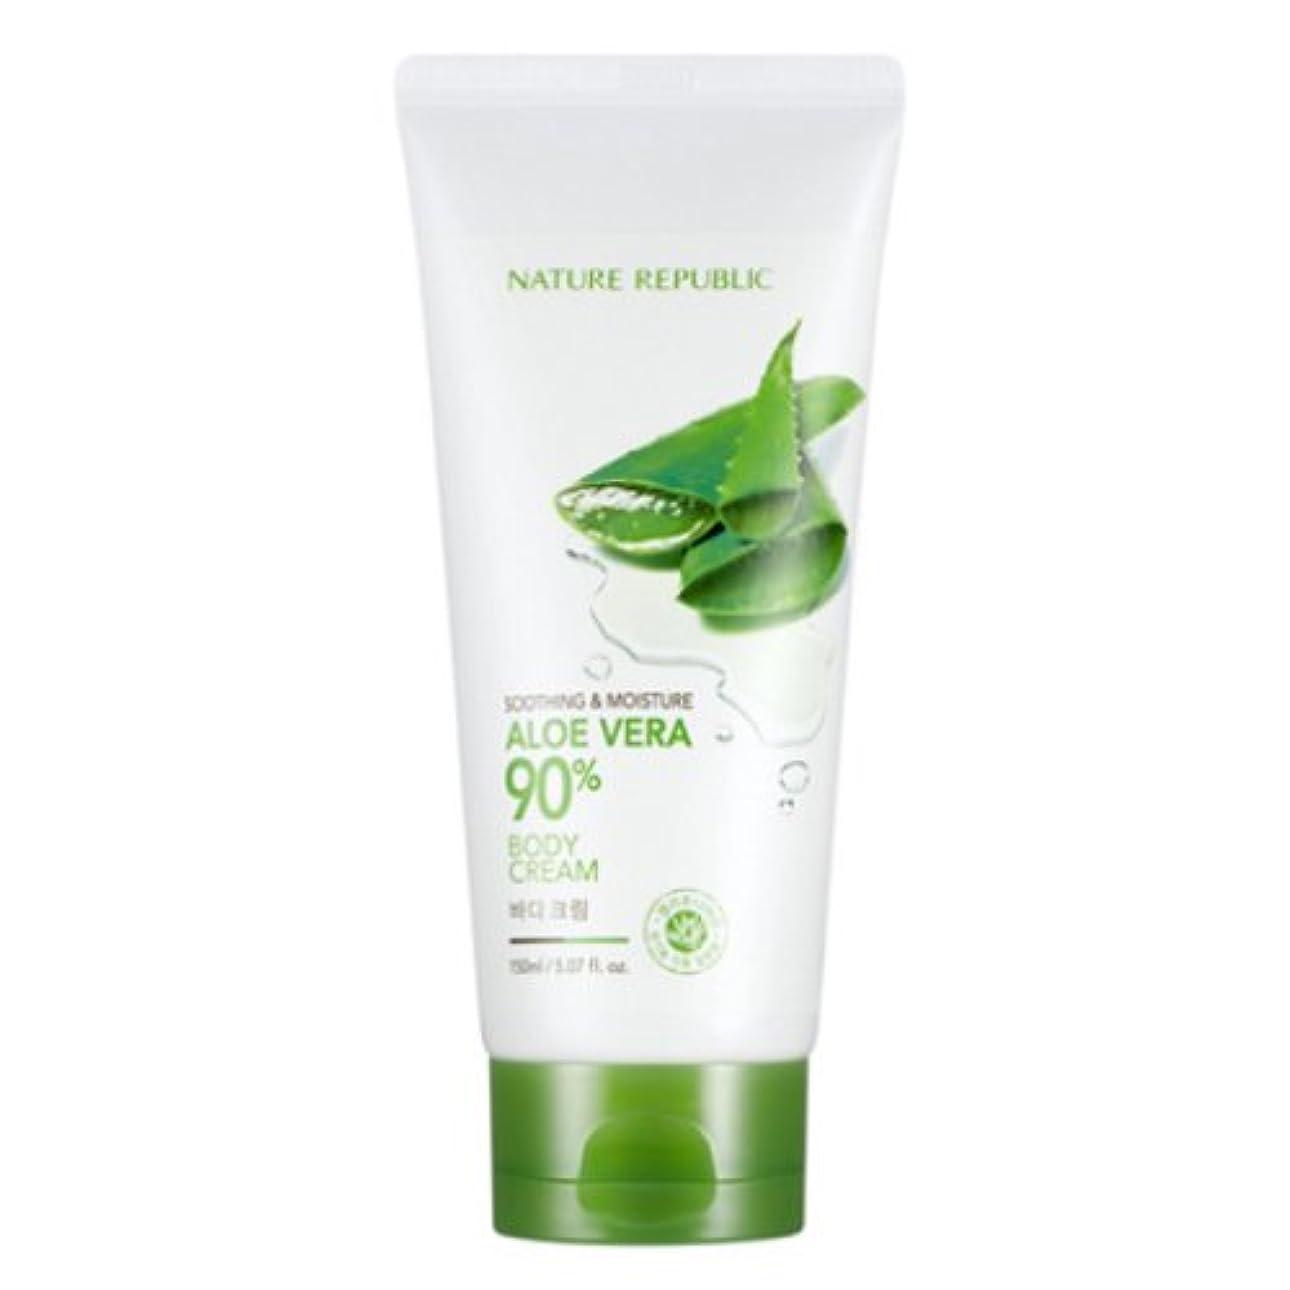 イベント指導する苦しむ[ネイチャーリパブリック] Nature republicスージングアンドモイスチャーアロエベラ90%ボディクリーム海外直送品(Soothing And Moisture Aloe Vera90%Body Cream) [並行輸入品]